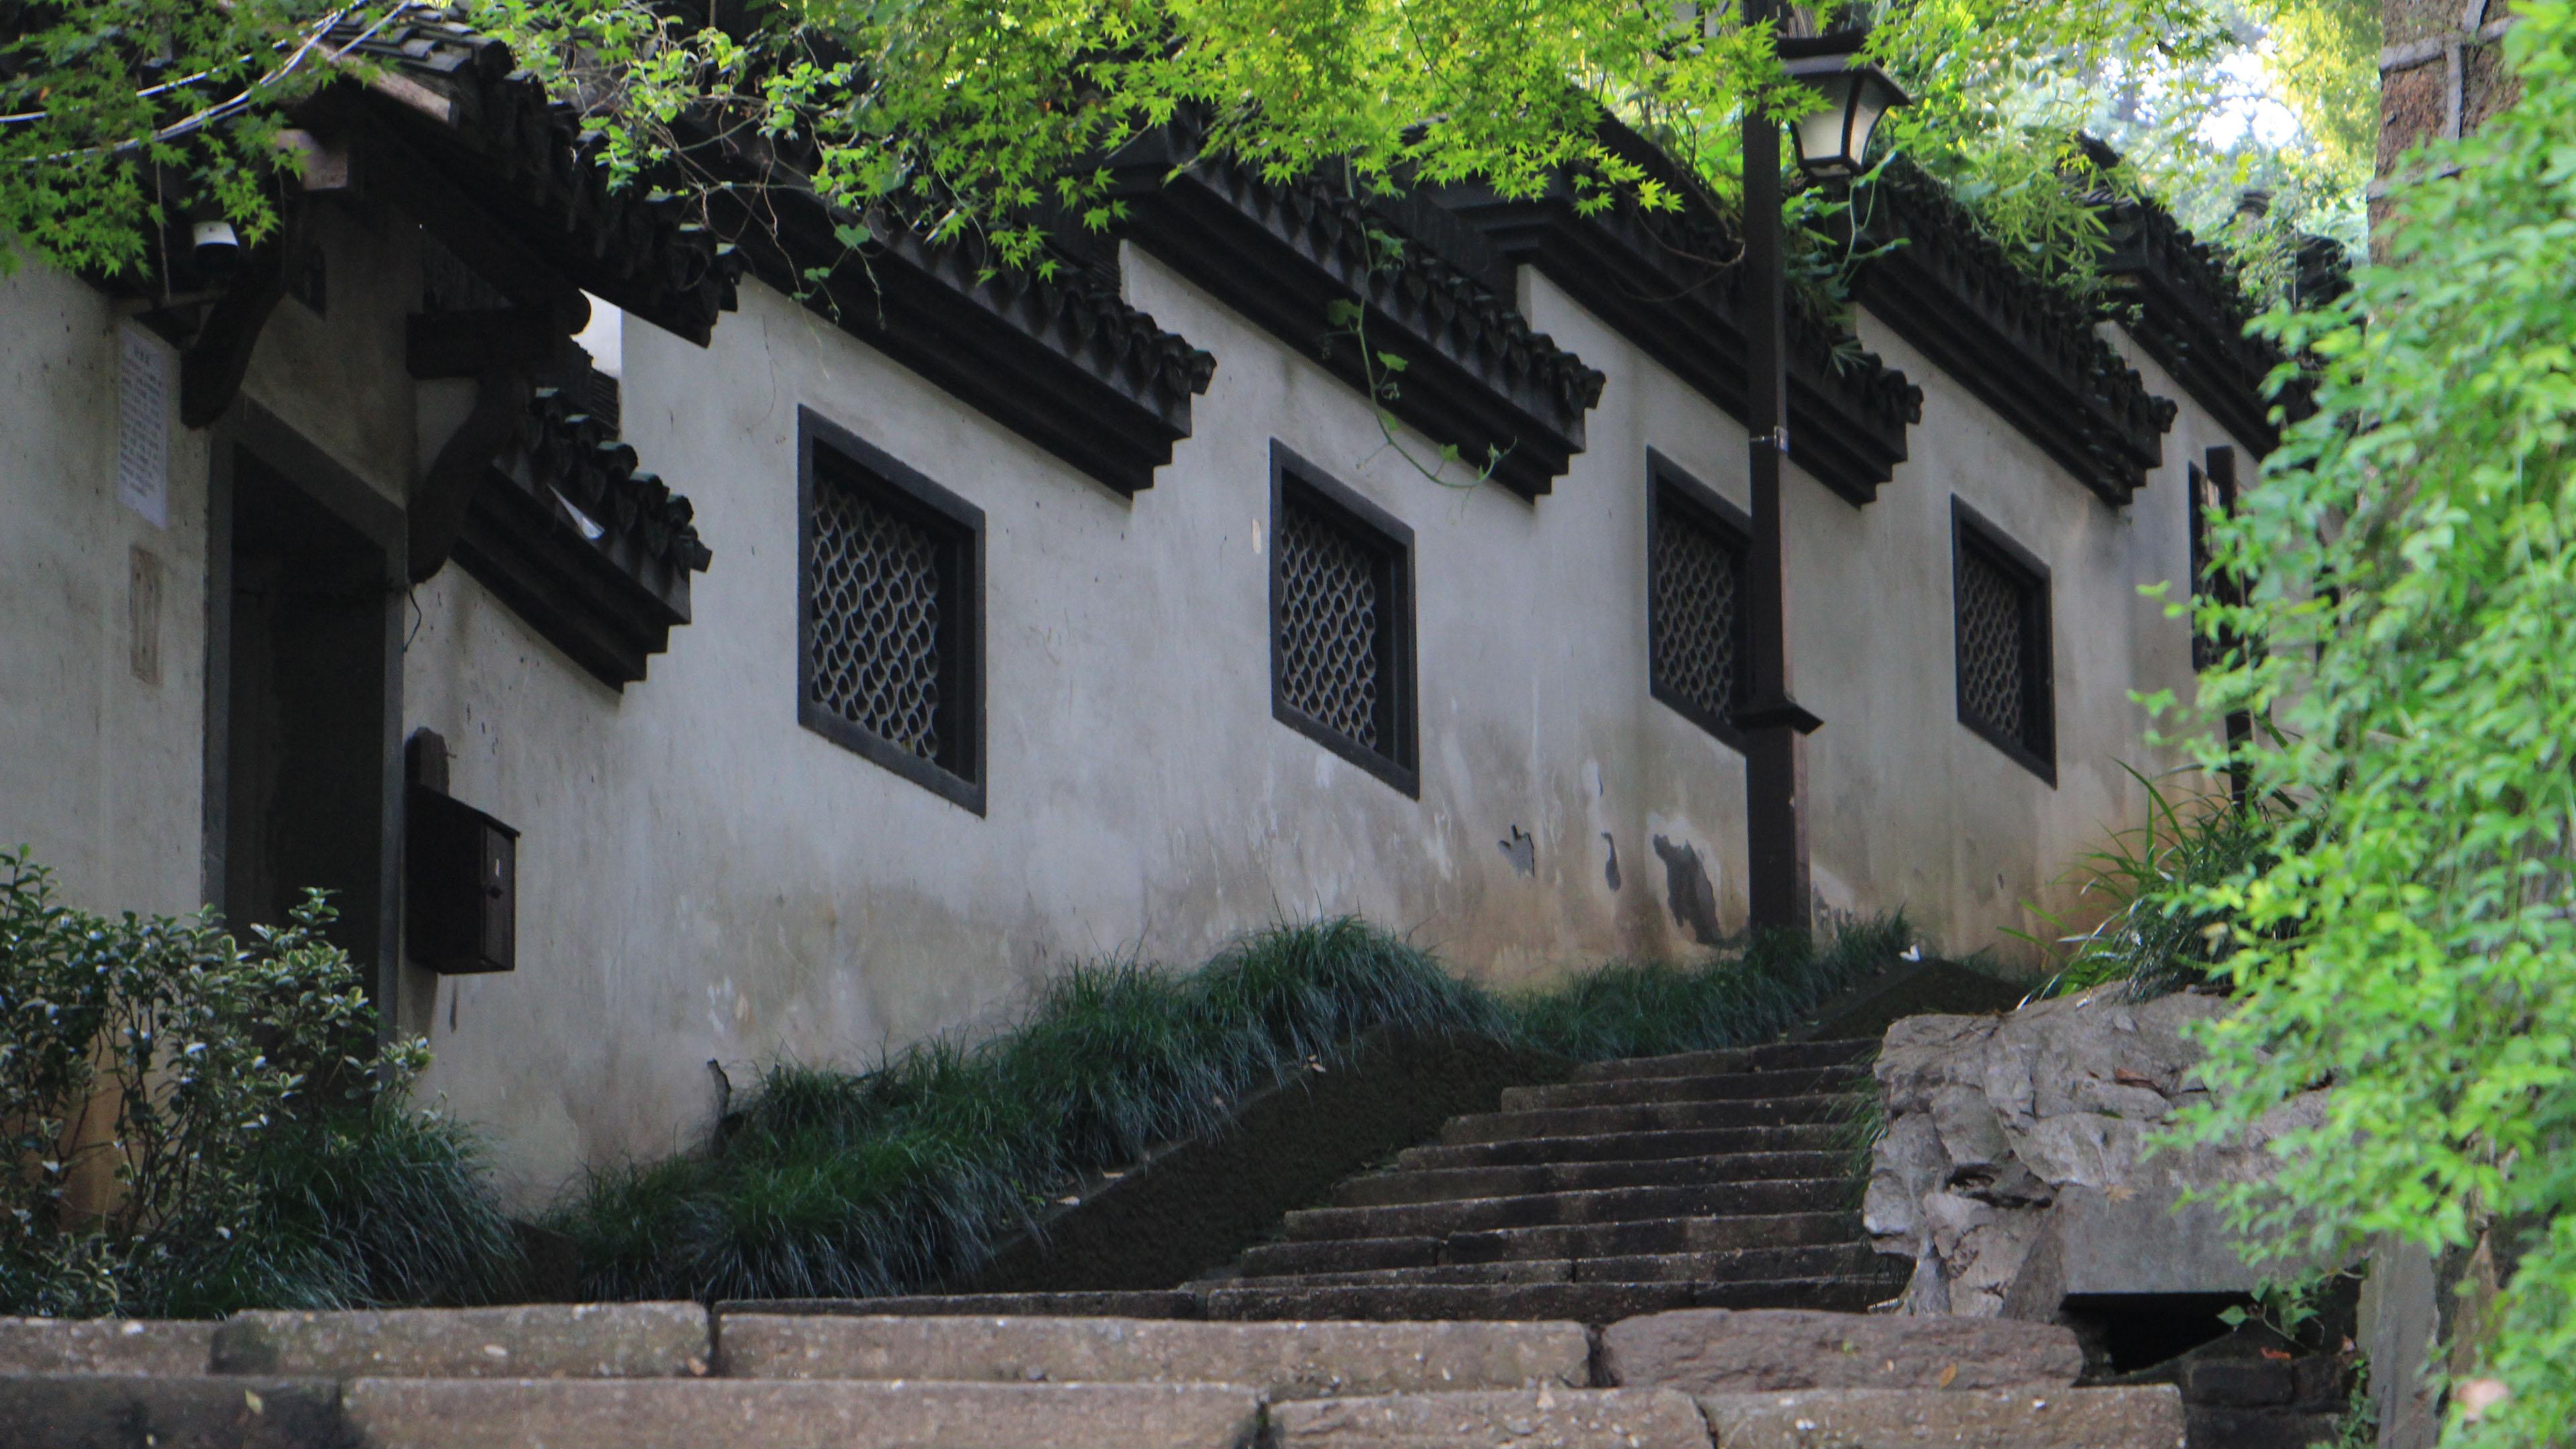 风景大片,城市夜景,中式建筑,台阶,院墙